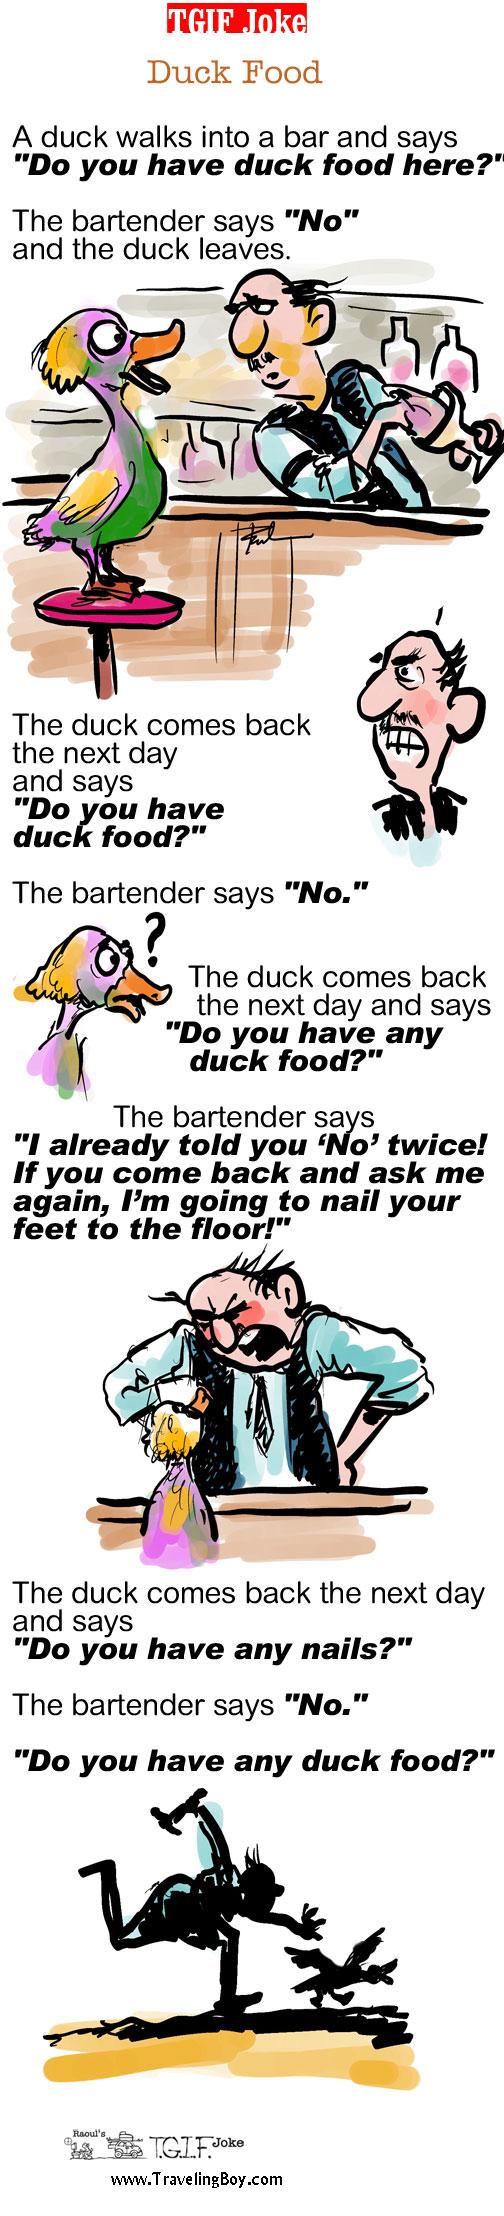 TGIF Joke of the Week: Duck Food